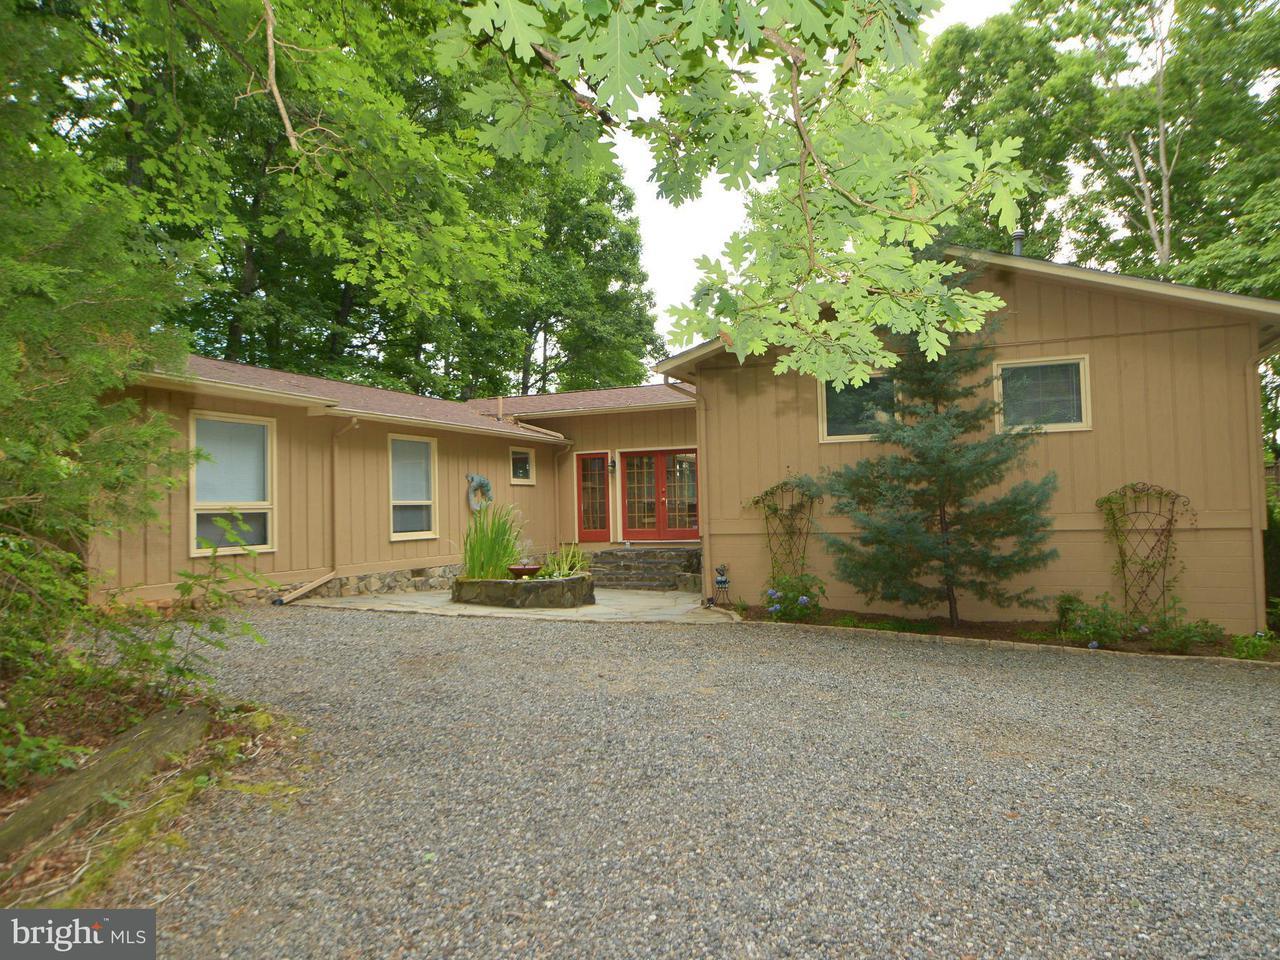 Einfamilienhaus für Verkauf beim 1267 ANNA COVES BLVD 1267 ANNA COVES BLVD Mineral, Virginia 23117 Vereinigte Staaten